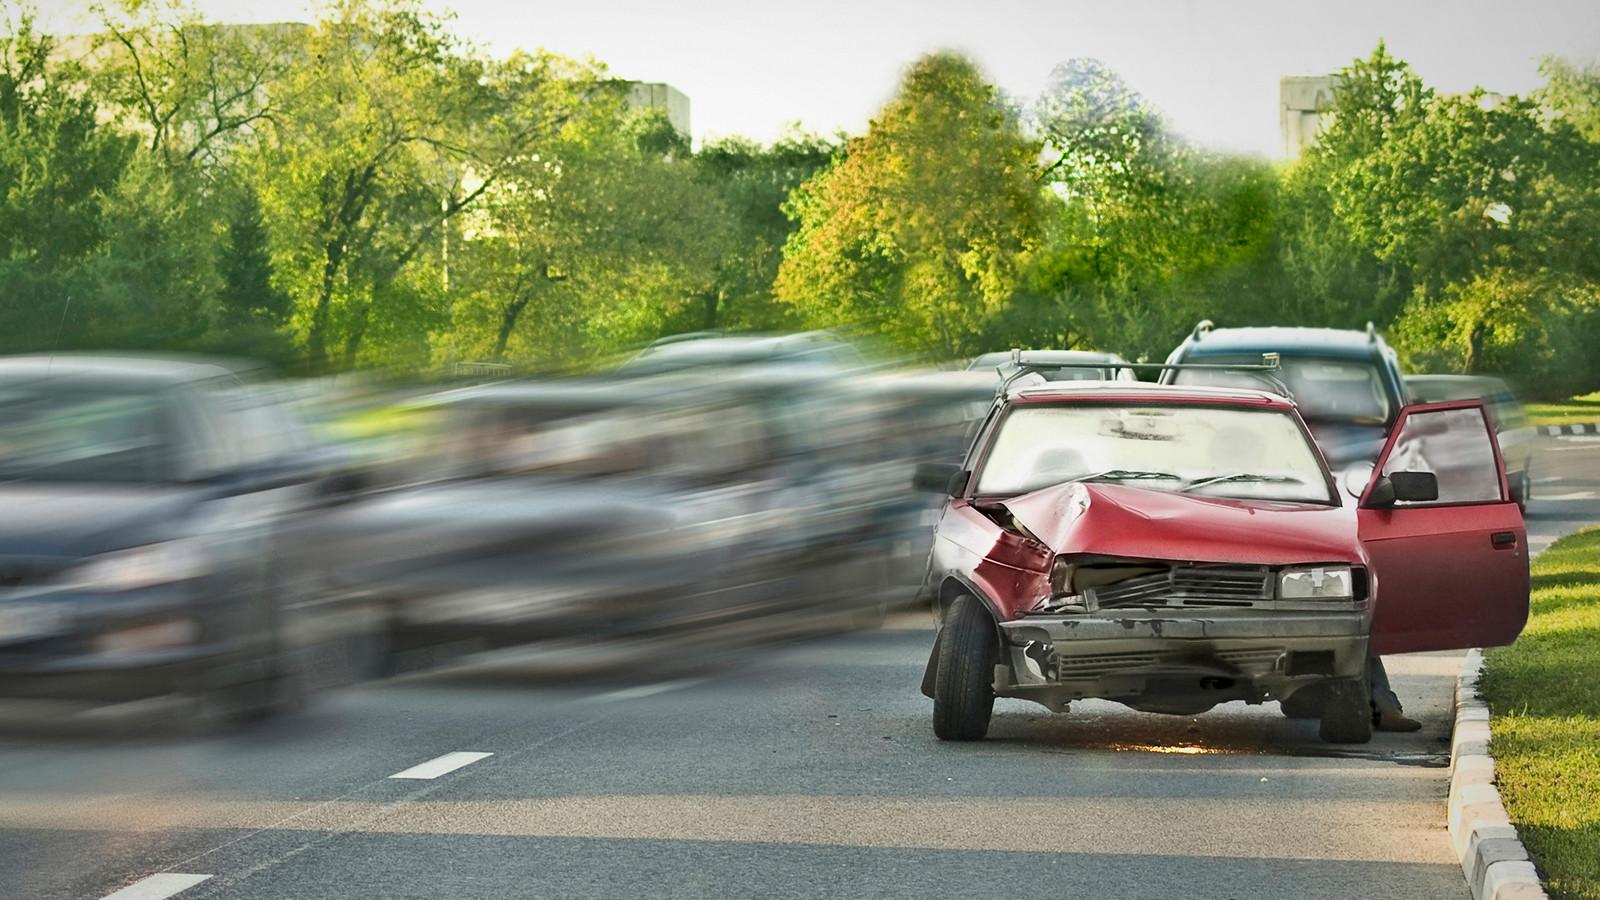 Около 6 млн. водителей в РФ неимеют полисов ОСАГО